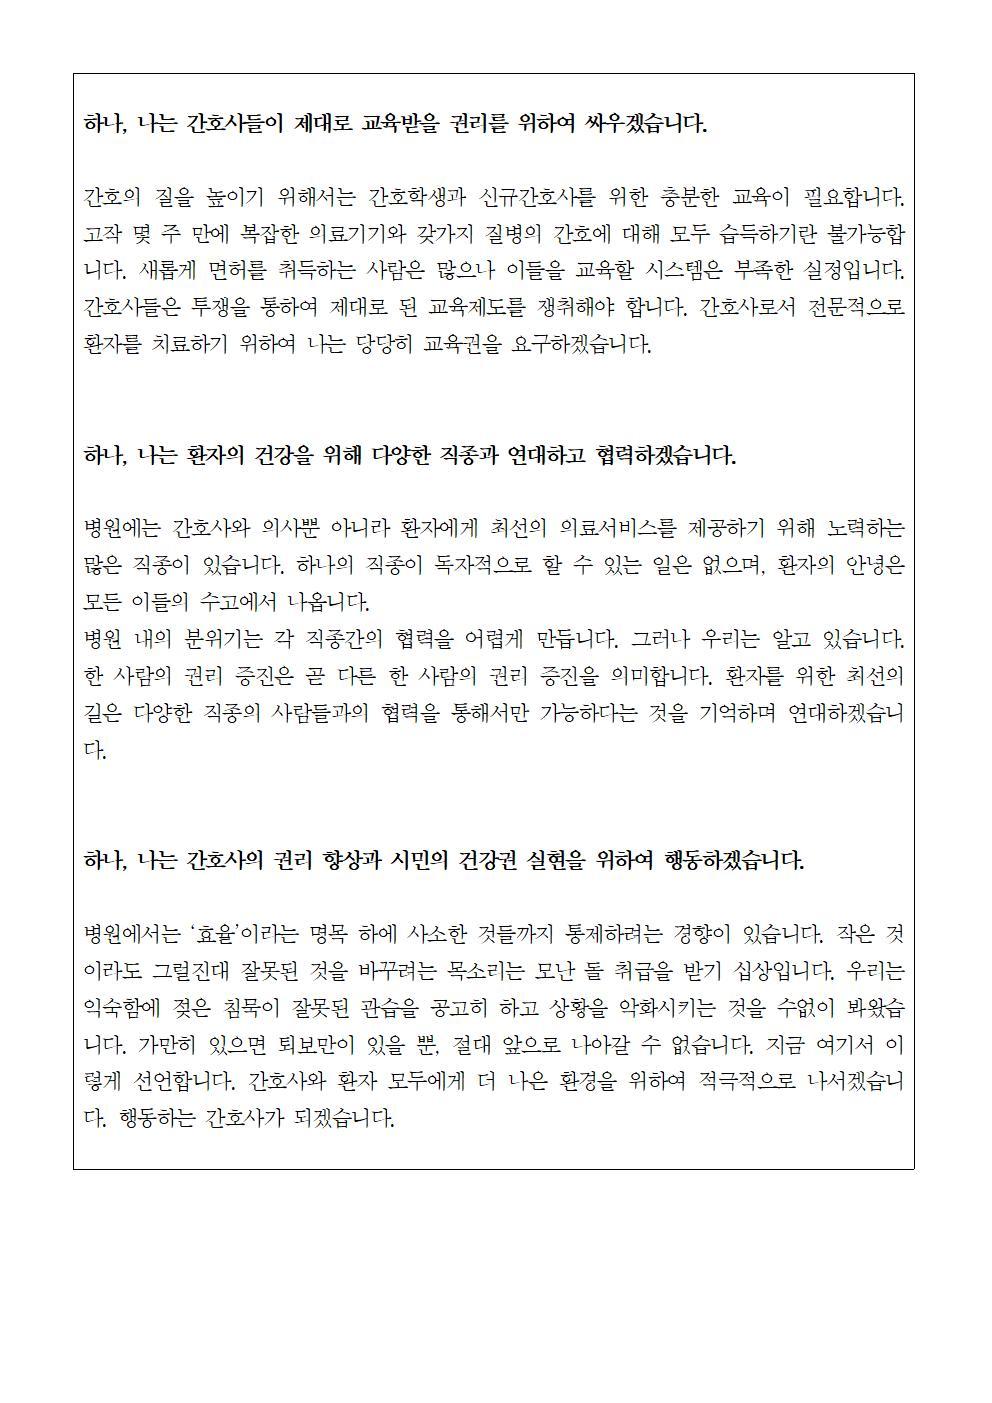 20512_[취재요청서]행동하는간호사권리선언003.jpg